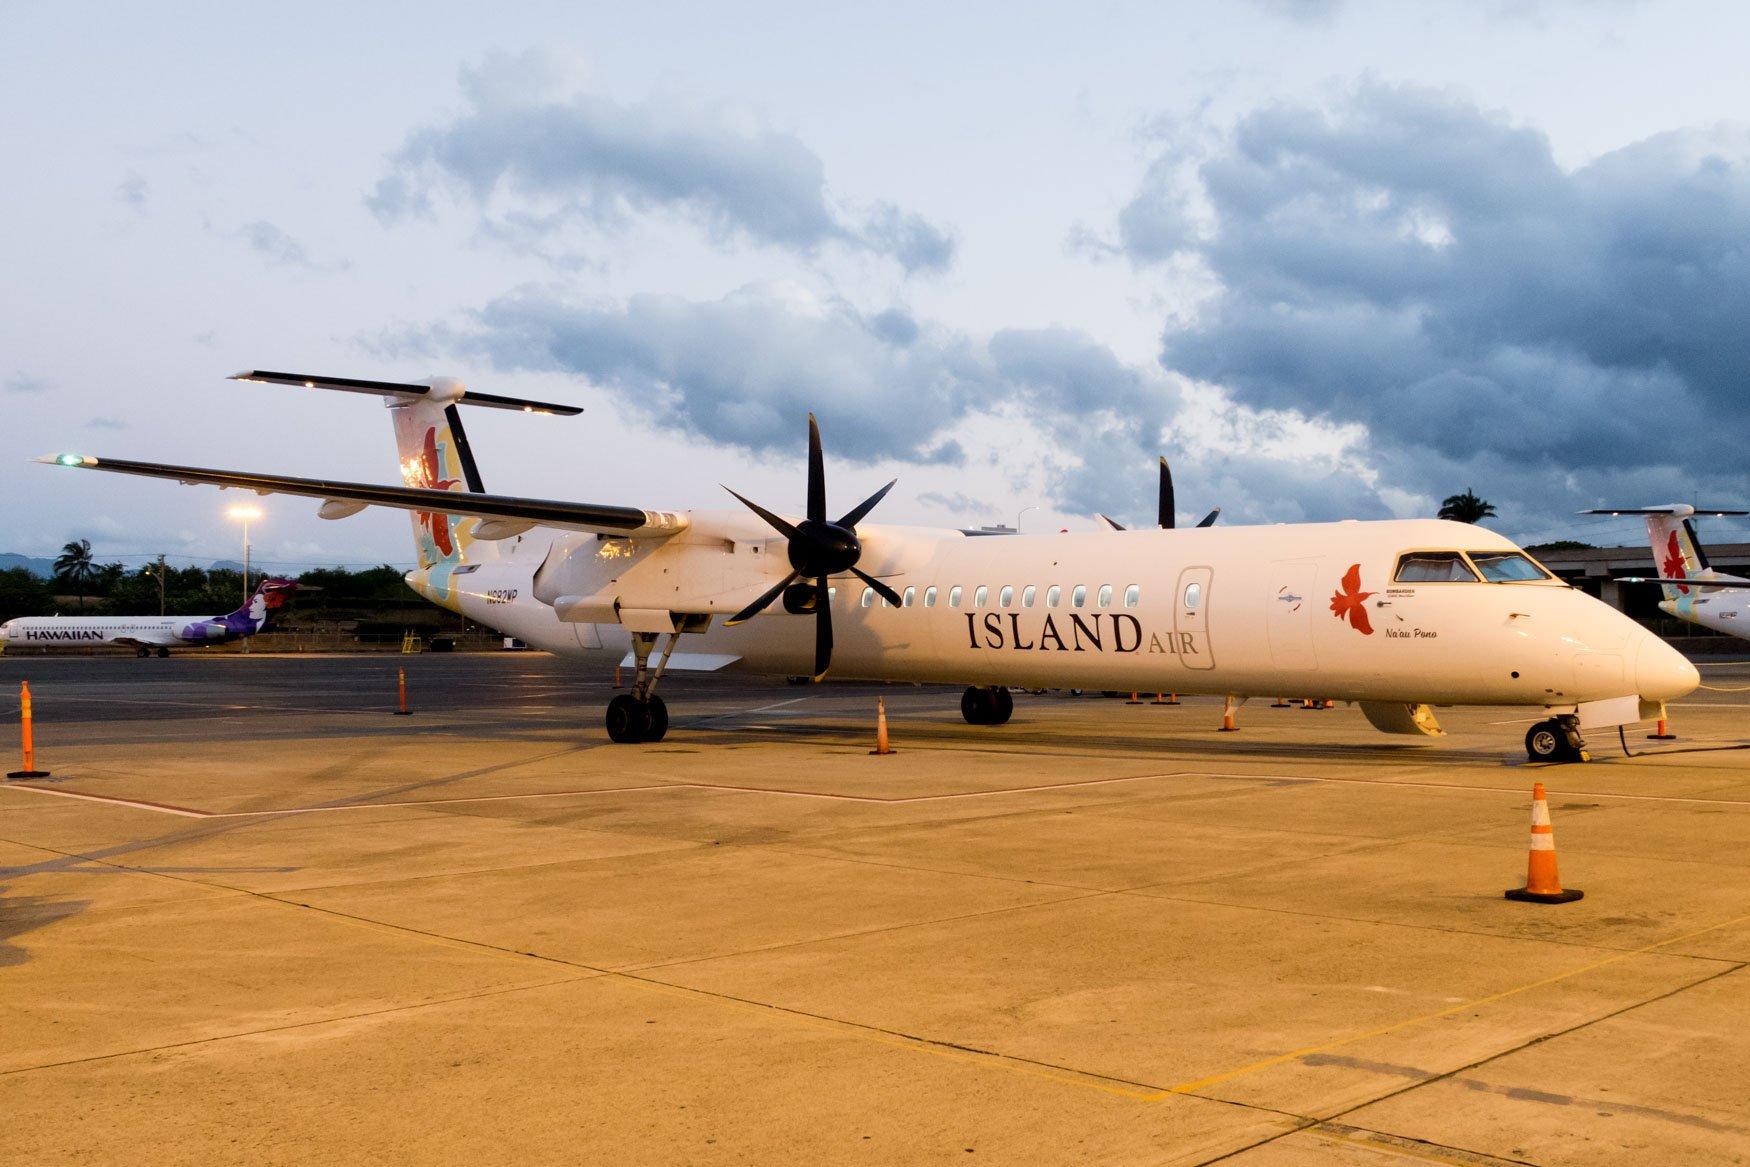 Island Air Bombardier Dash 8 Q400